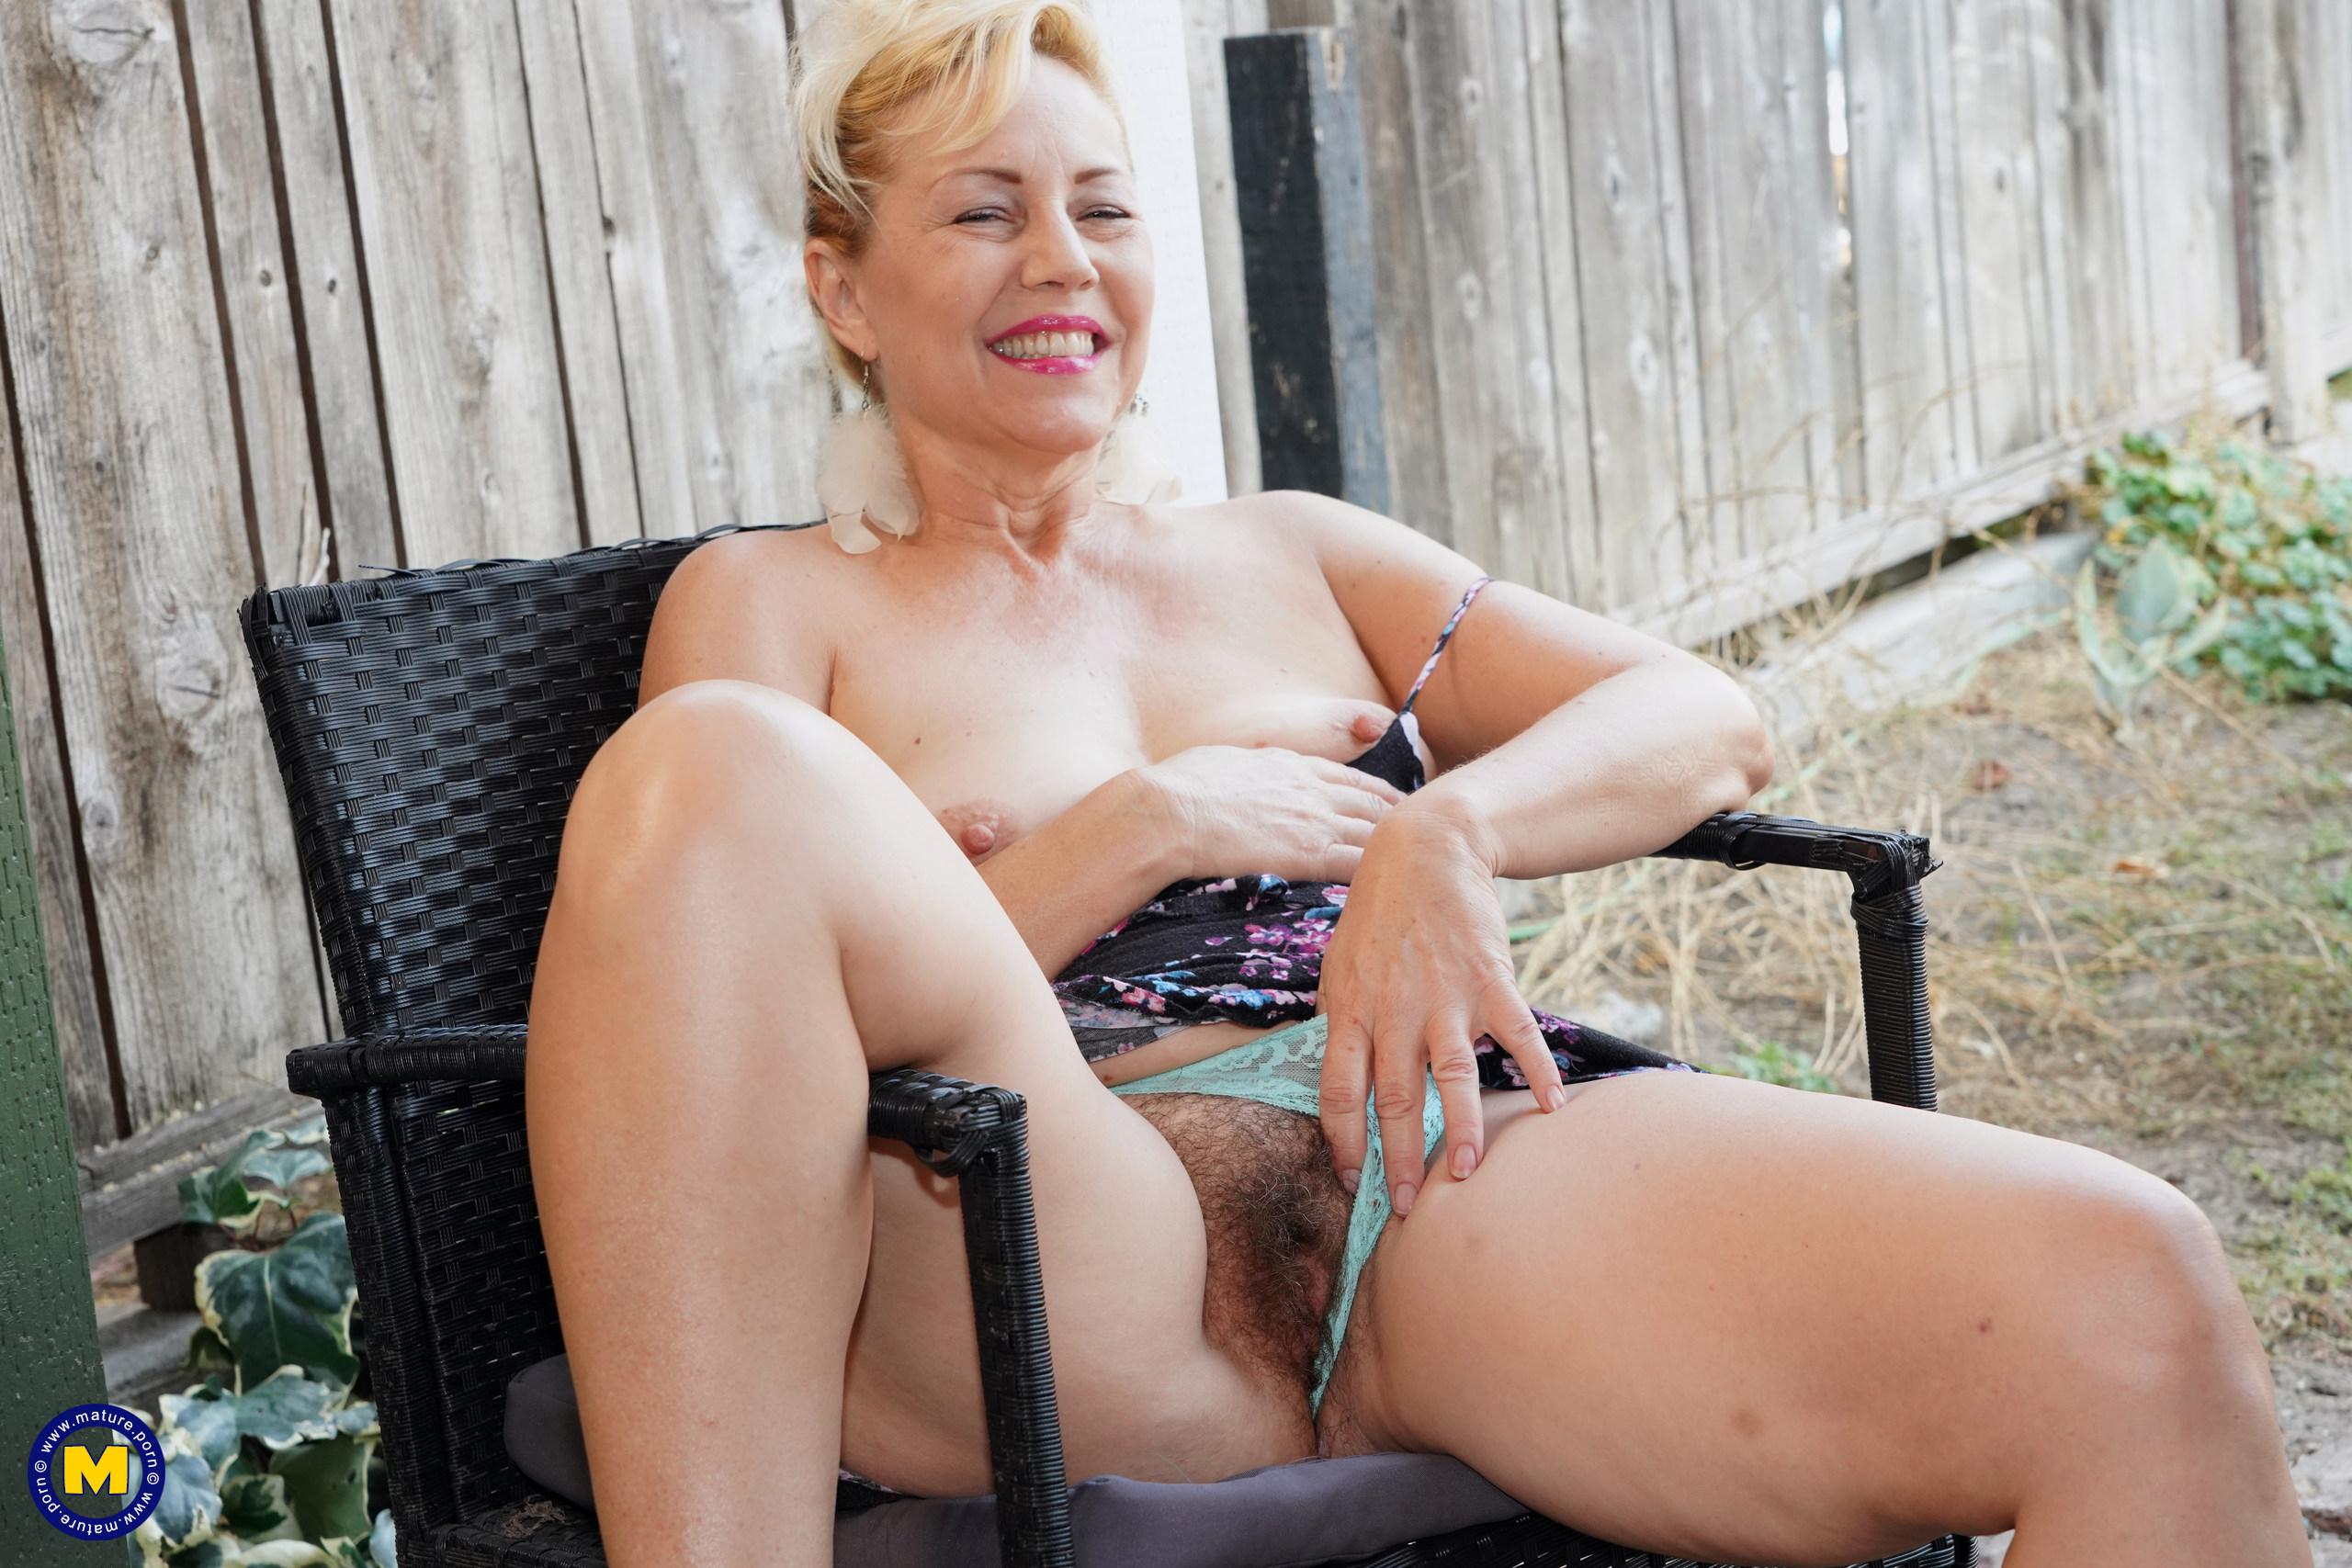 Small tits mature Badd Gramma